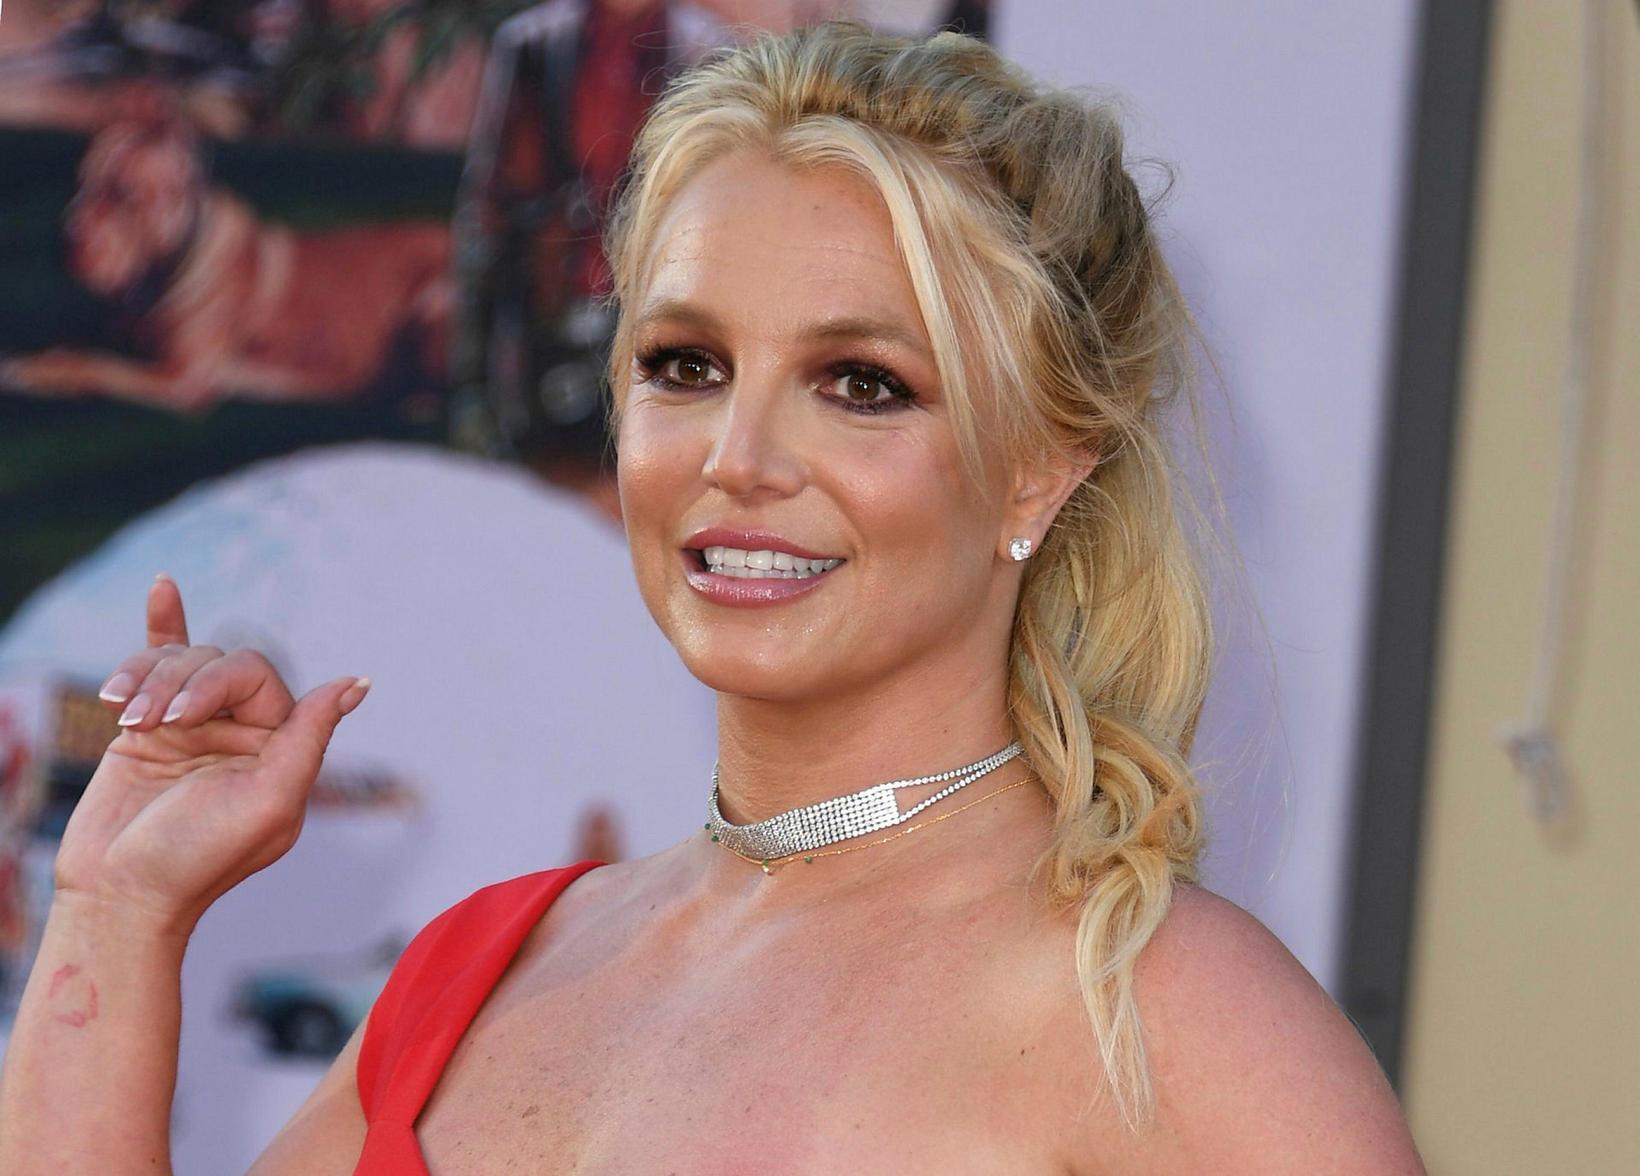 Britney Spears var harðlega gagnrýnd í fjölmiðlum á sínum tíma.